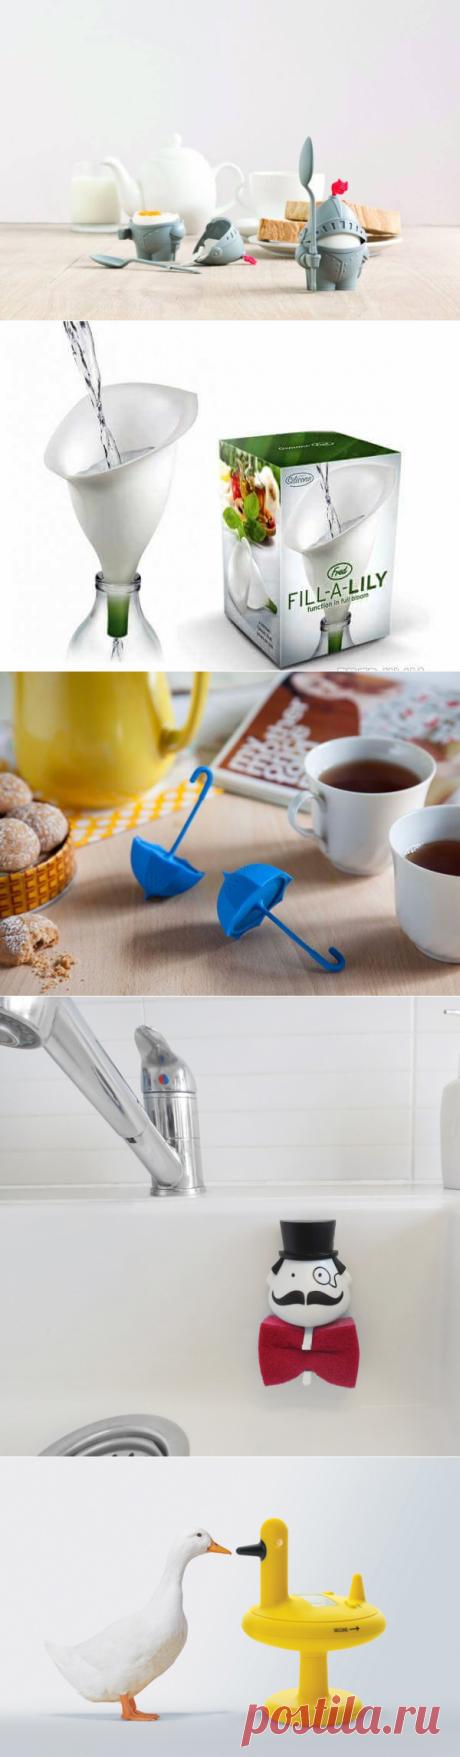 Веселый дизайн: 10 необычных помощников для кухни